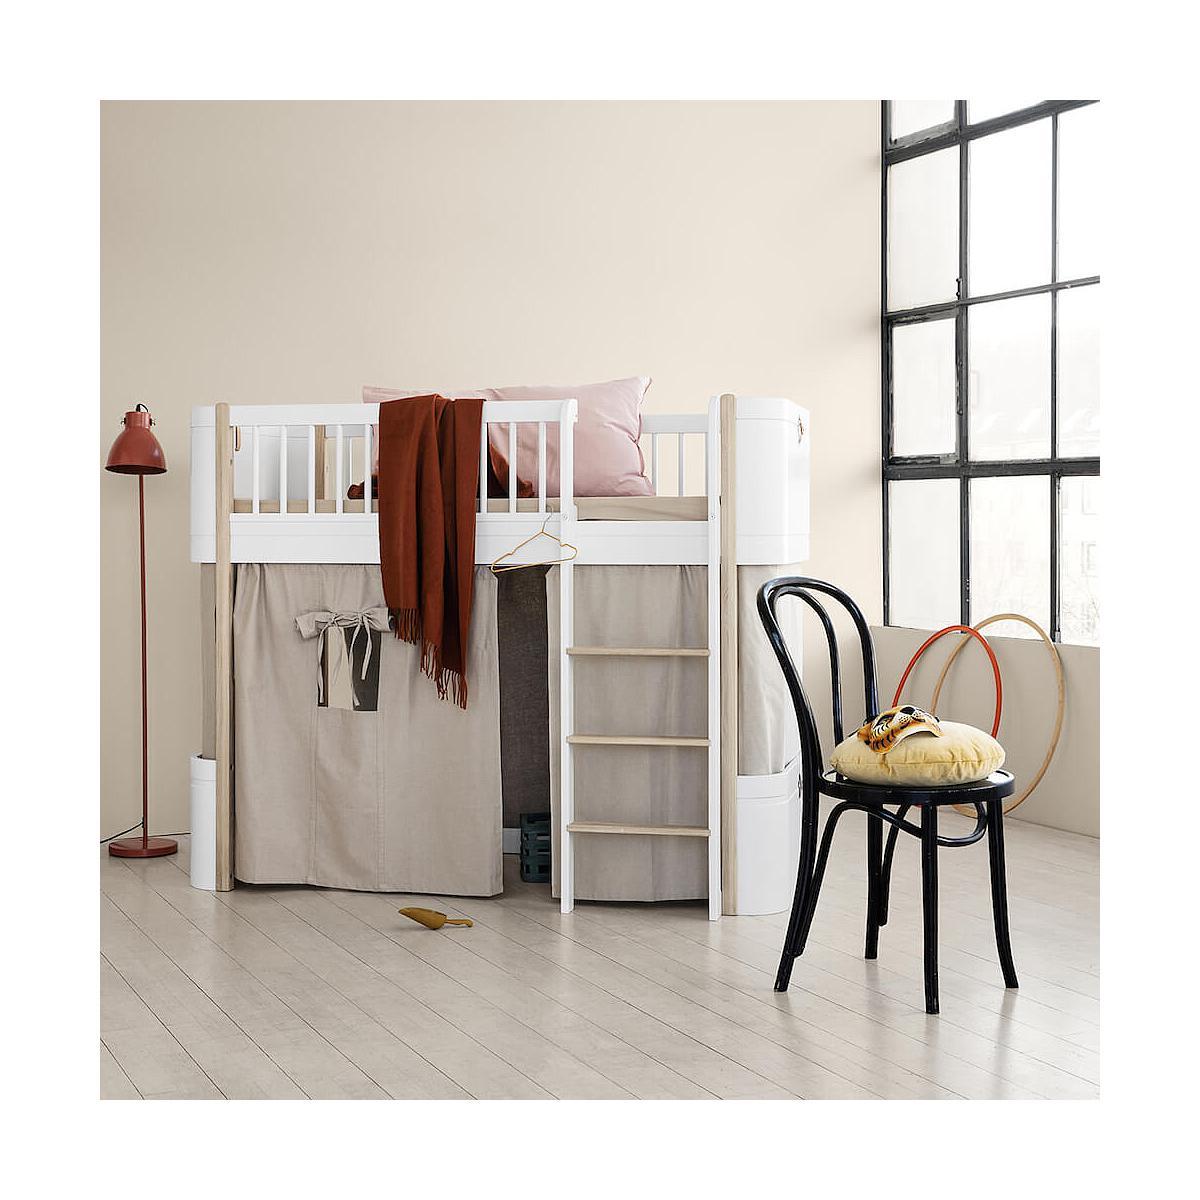 Lit évolutif mi hauteur 68x162cm WOOD MINI+ Oliver Furniture blanc-chêne